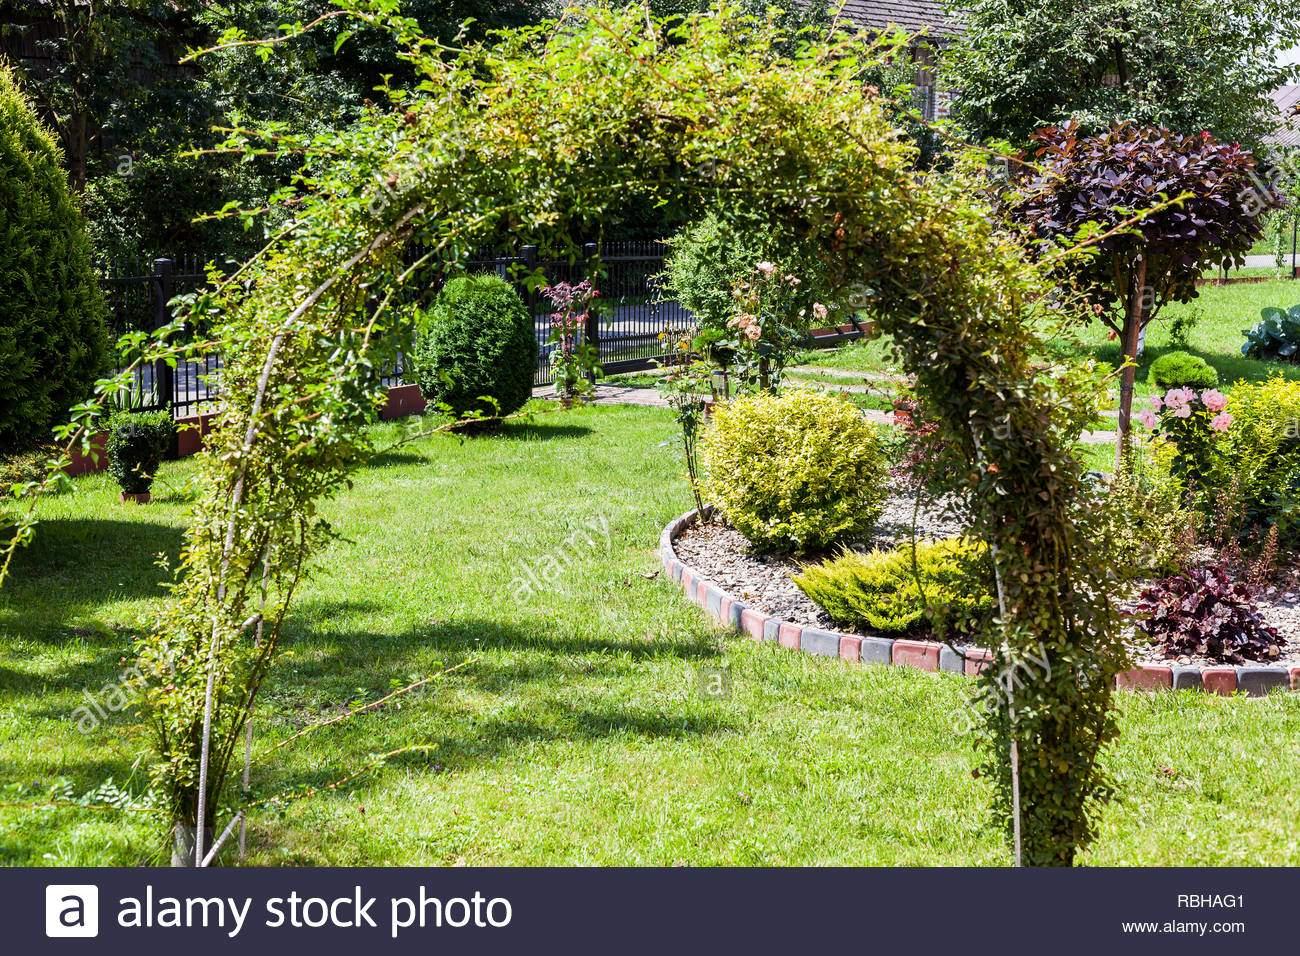 Schöner Garten Schön Schöner Garten Mit Grünem Gras Und Mit Grünen Sträuchern